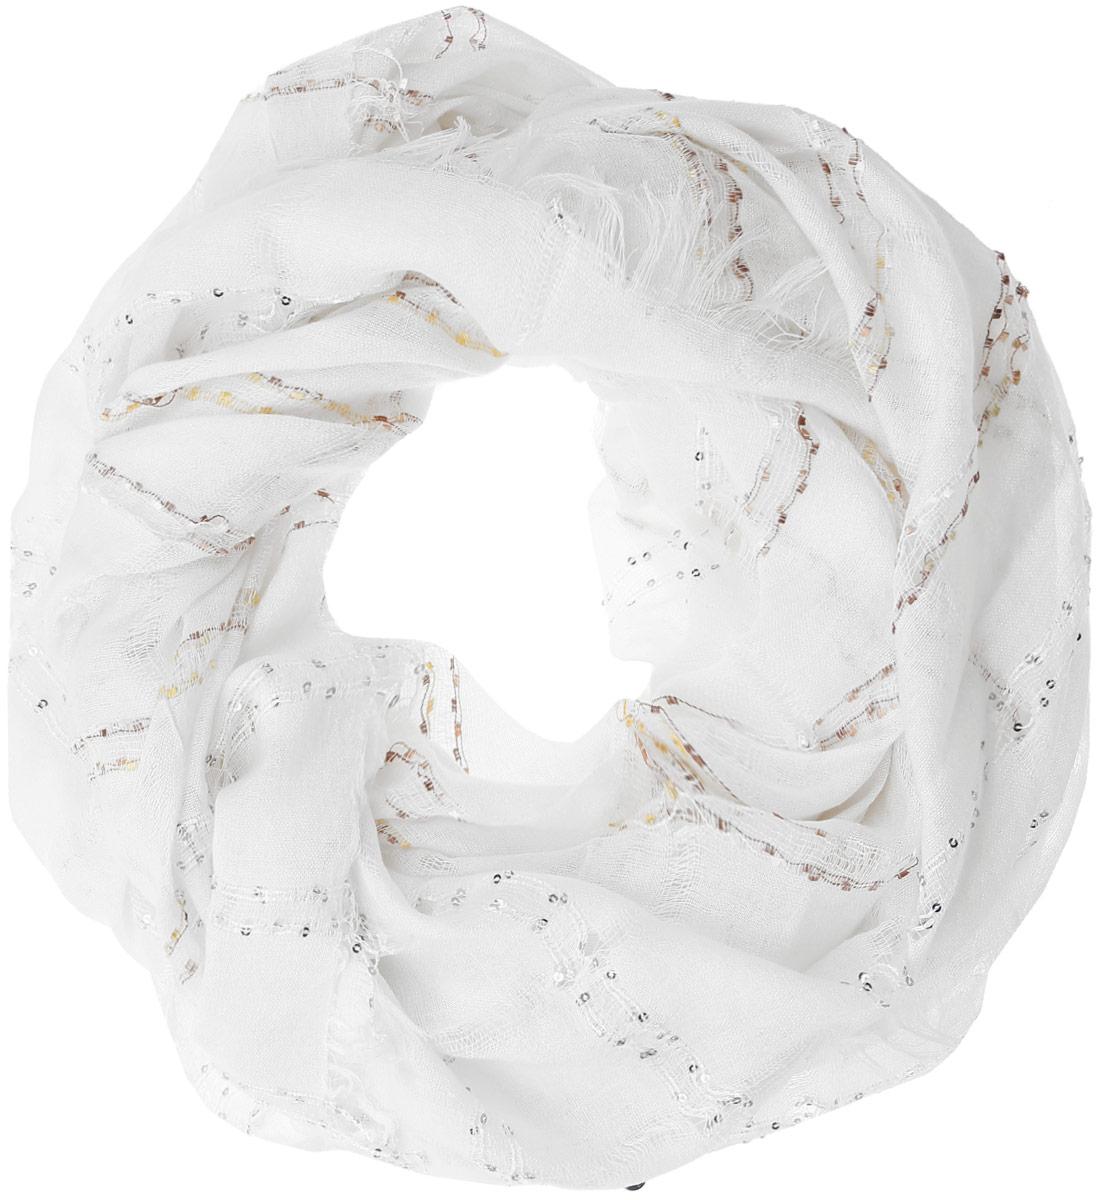 Платок5Y-1602Стильный женский платок Moltini станет великолепным завершением любого наряда. Платок изготовлен из 100% вискозы. Он украшен бахромой и оформлен оригинальными полосками и пайетками. Классическая квадратная форма позволяет носить его на шее, украшать прическу или декорировать сумочку. Мягкий и легкий платок поможет вам создать оригинальный женственный образ. Такой платок превосходно дополнит любой наряд и подчеркнет ваш неповторимый вкус и элегантность.